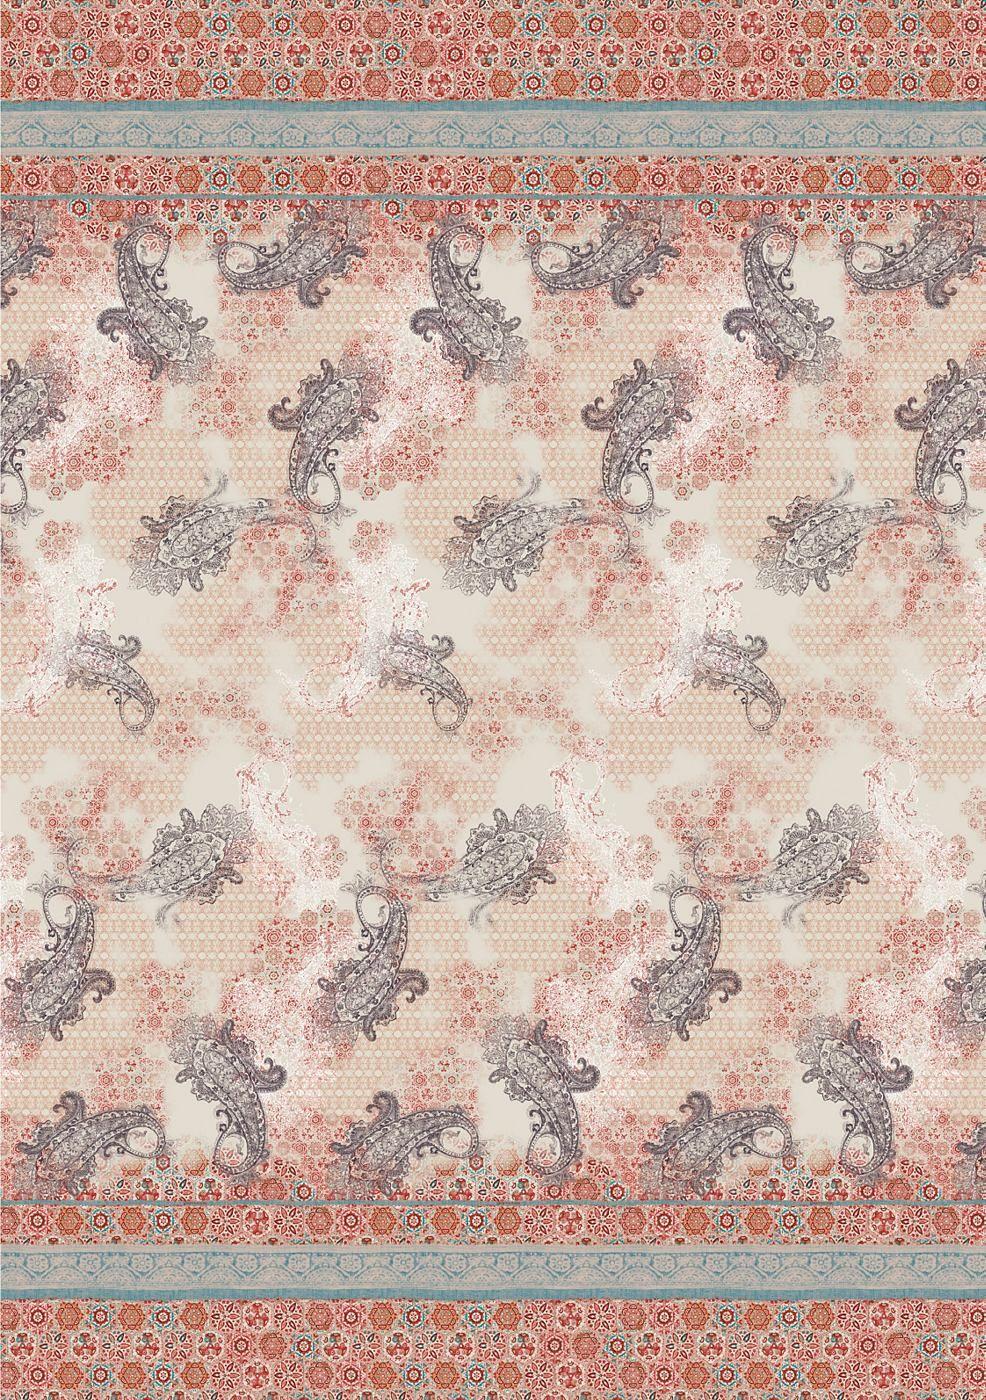 """Hinreißender Überwurf »Sciacca« der Marke Bassetti aus reiner Baumwolle. In der neuen Frühjahr-Sommer-Kollektion 2014 von """"Granfoulard"""" stoßen wir auf die üppigen, farbenfrohen Ornamente, die typisch für Keramik aus Caltagirone sind, die Formen der Voluten in der barocken Architektur Modicas und die römischen Mosaiken von Piazza Armerina. Ihre Farbvarianten – das glänzende Blau und Rot der Kera..."""